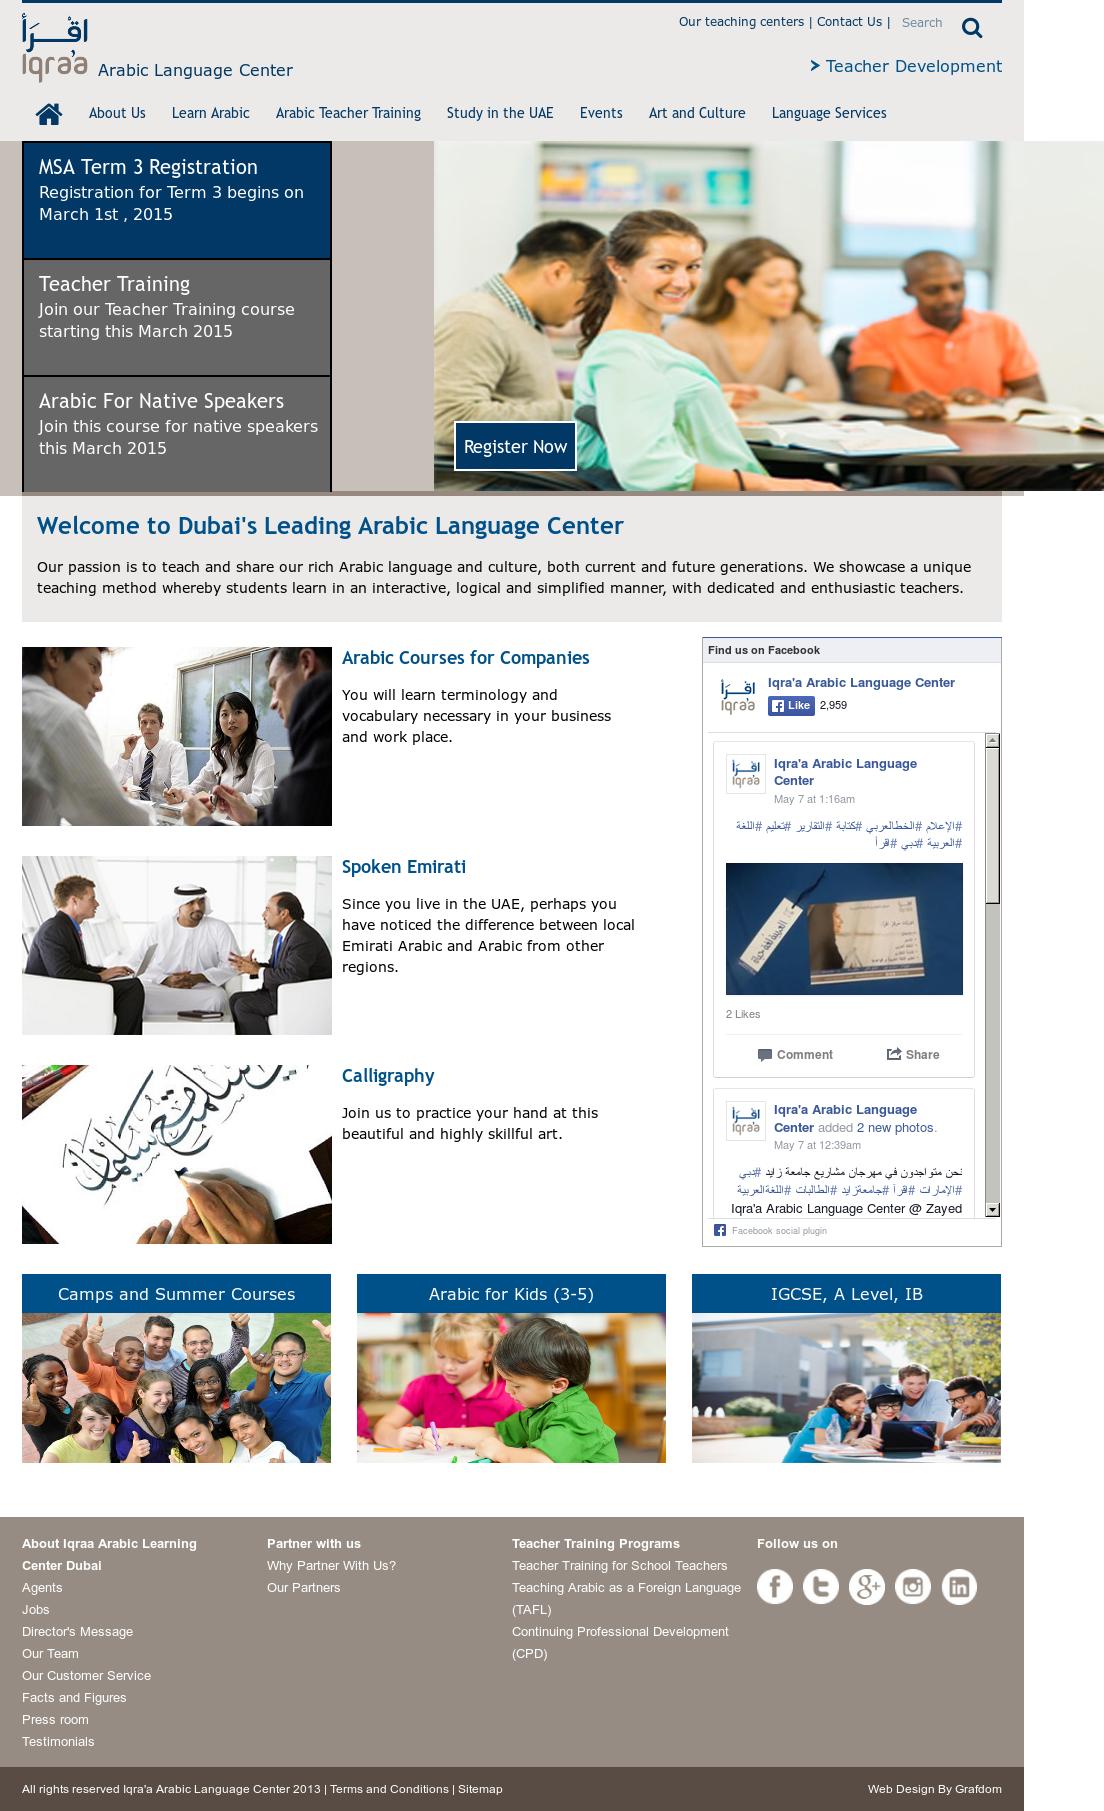 Iqra'a Arabic Language Center Competitors, Revenue and